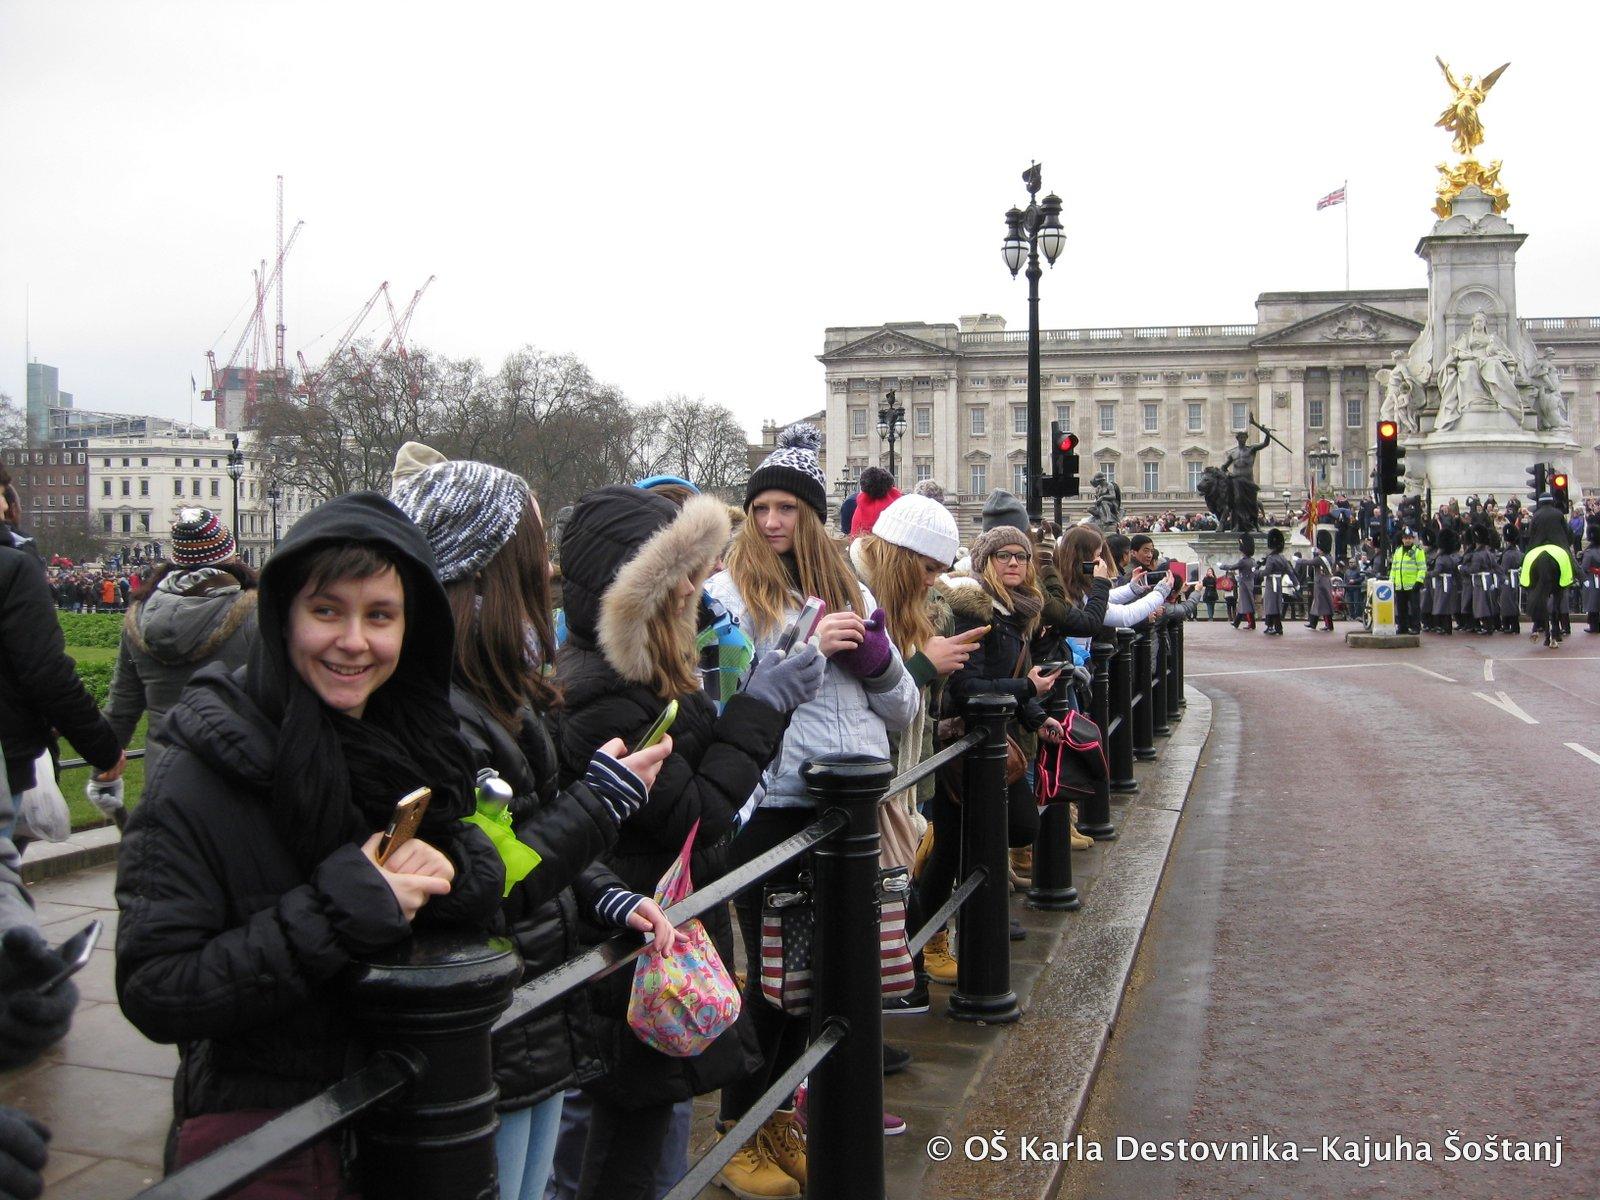 London17